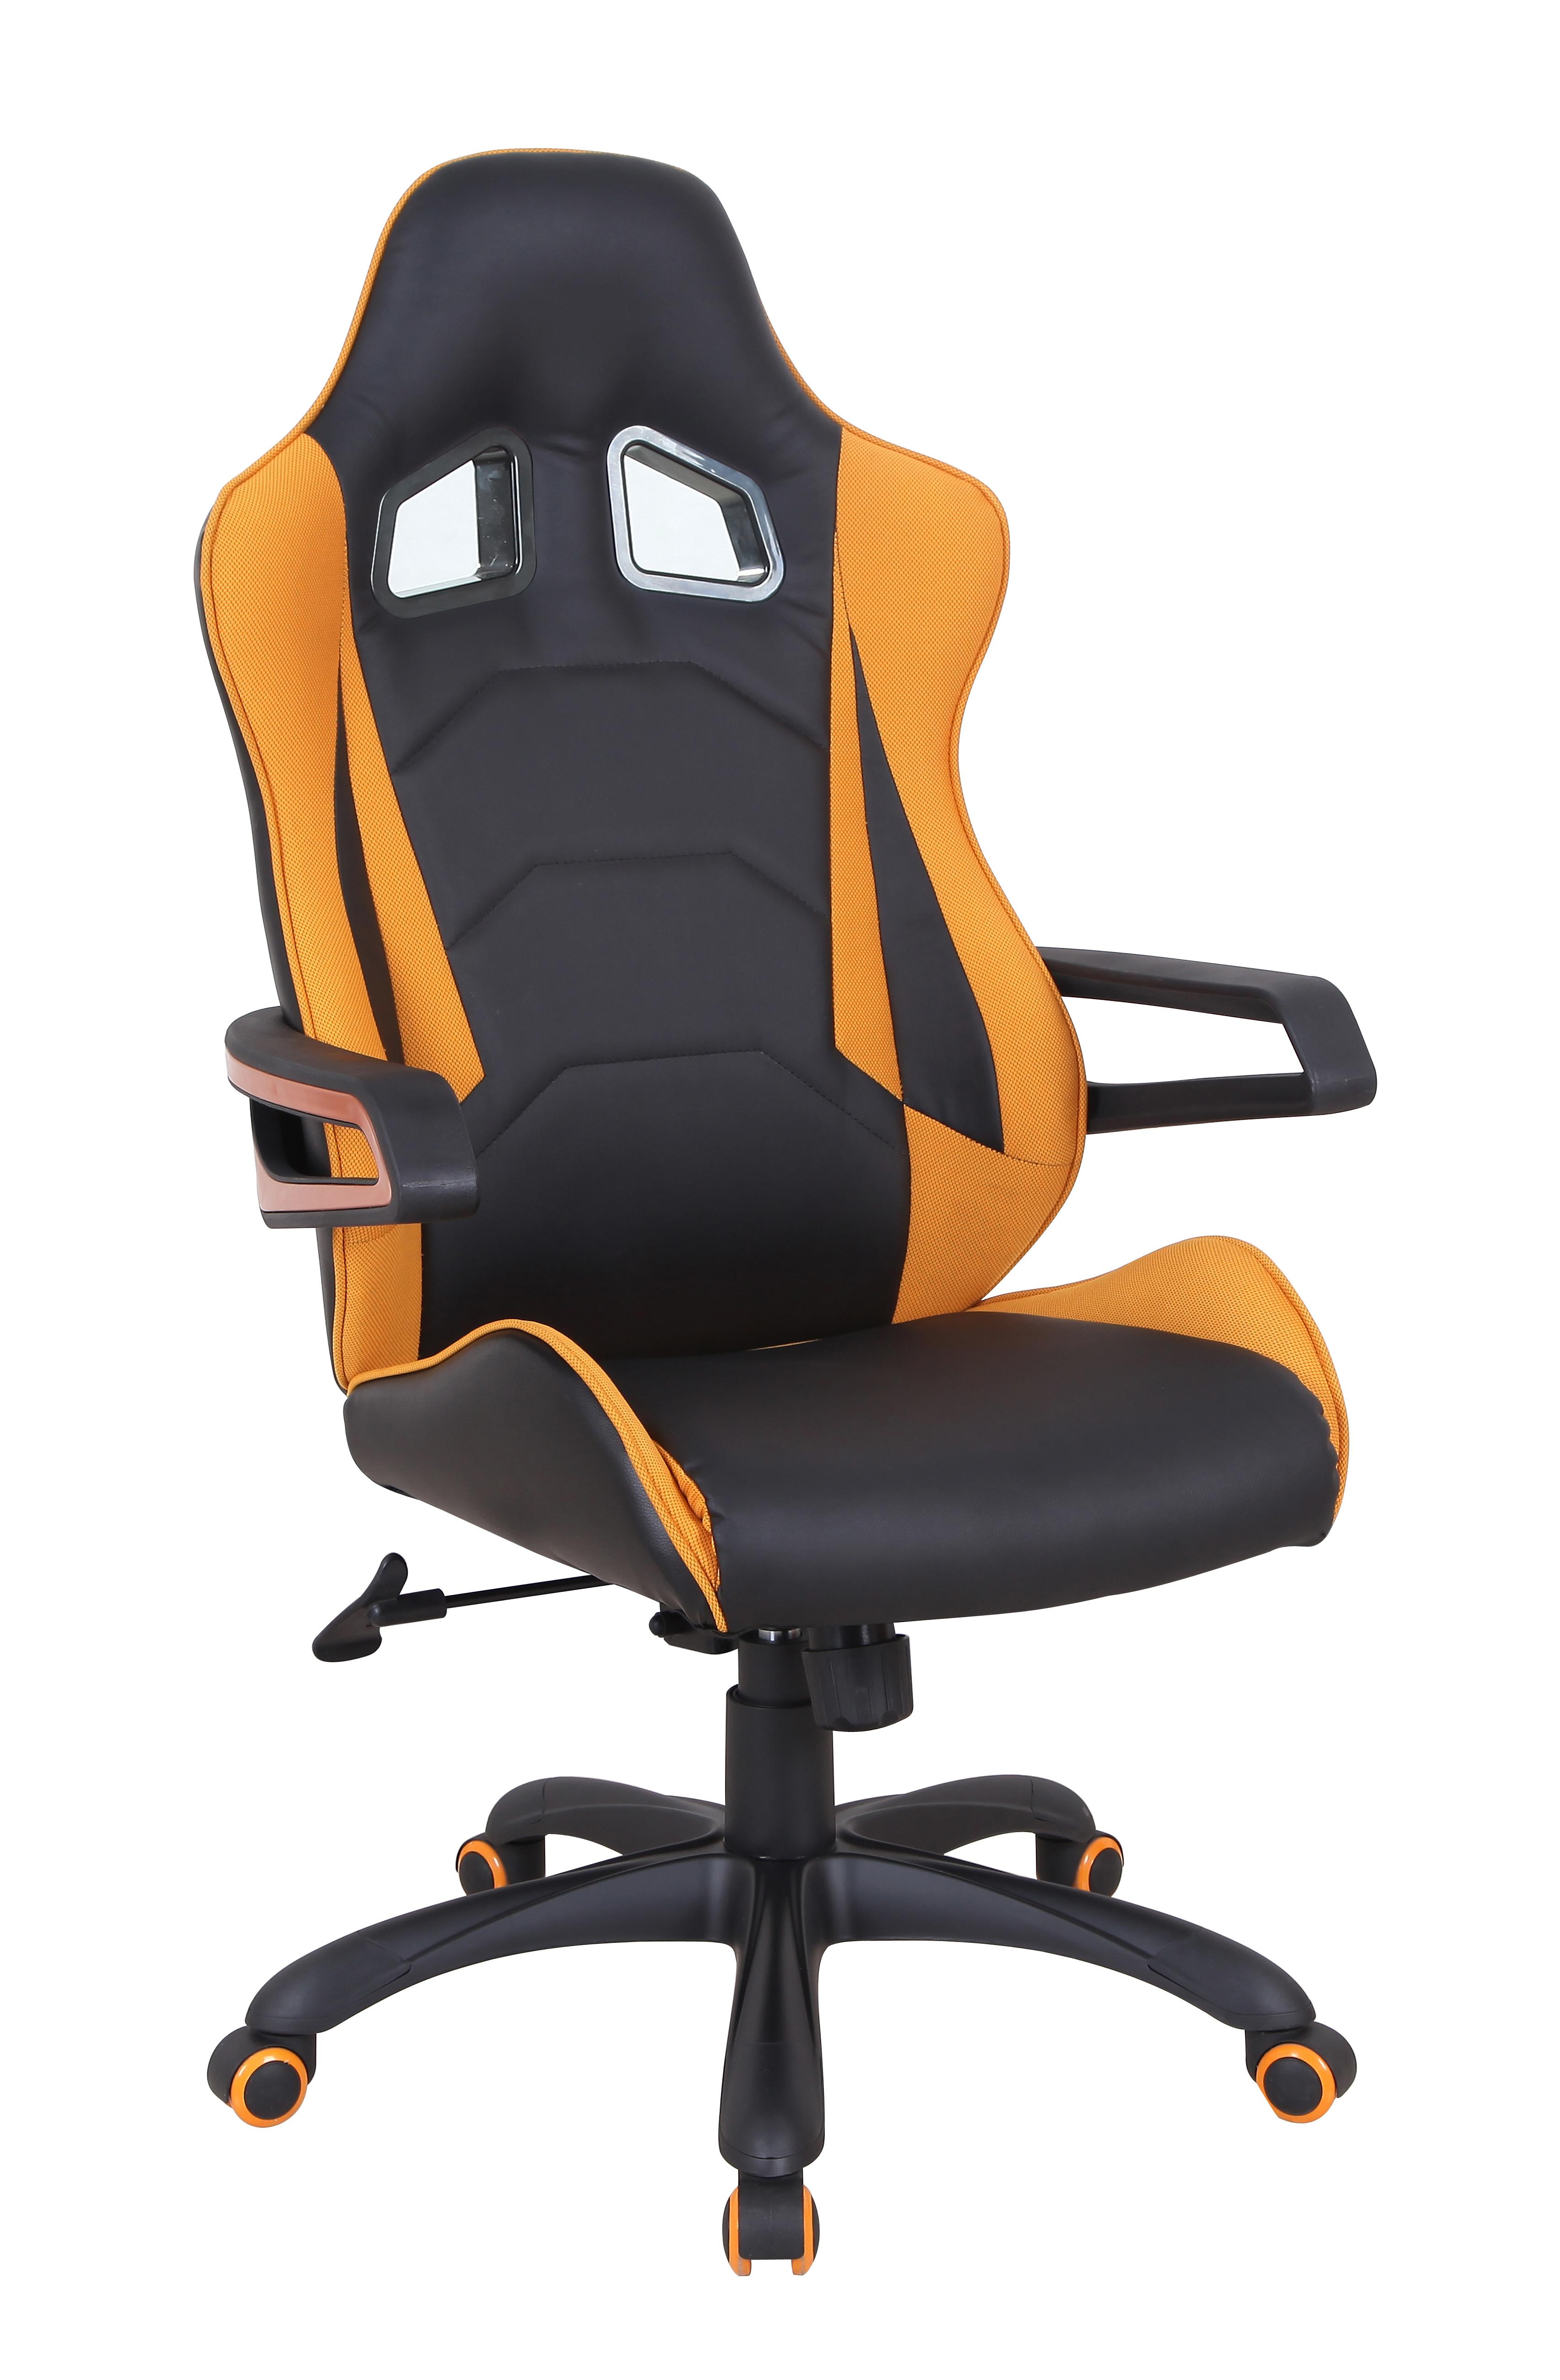 Kancelárske kreslo - Halmar - MUSTANG. Sme autorizovaný predajca Halmar. Vlastná spoľahlivá doprava až k Vám domov.